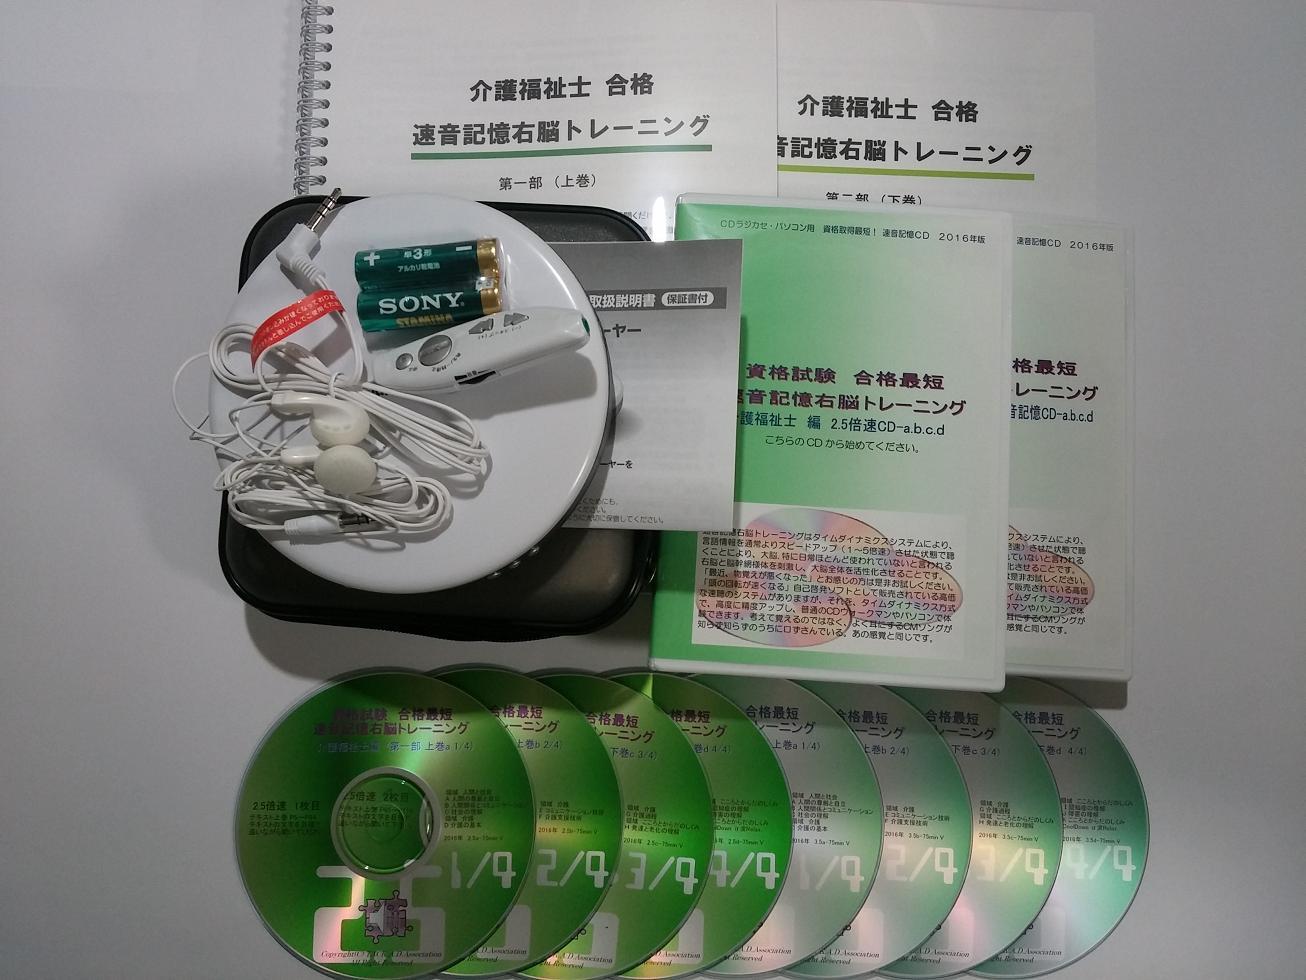 介護福祉士 過去問攻略 速音記憶CDプレーヤーセット KF-02【送料無料】【smtb-k】【w4】